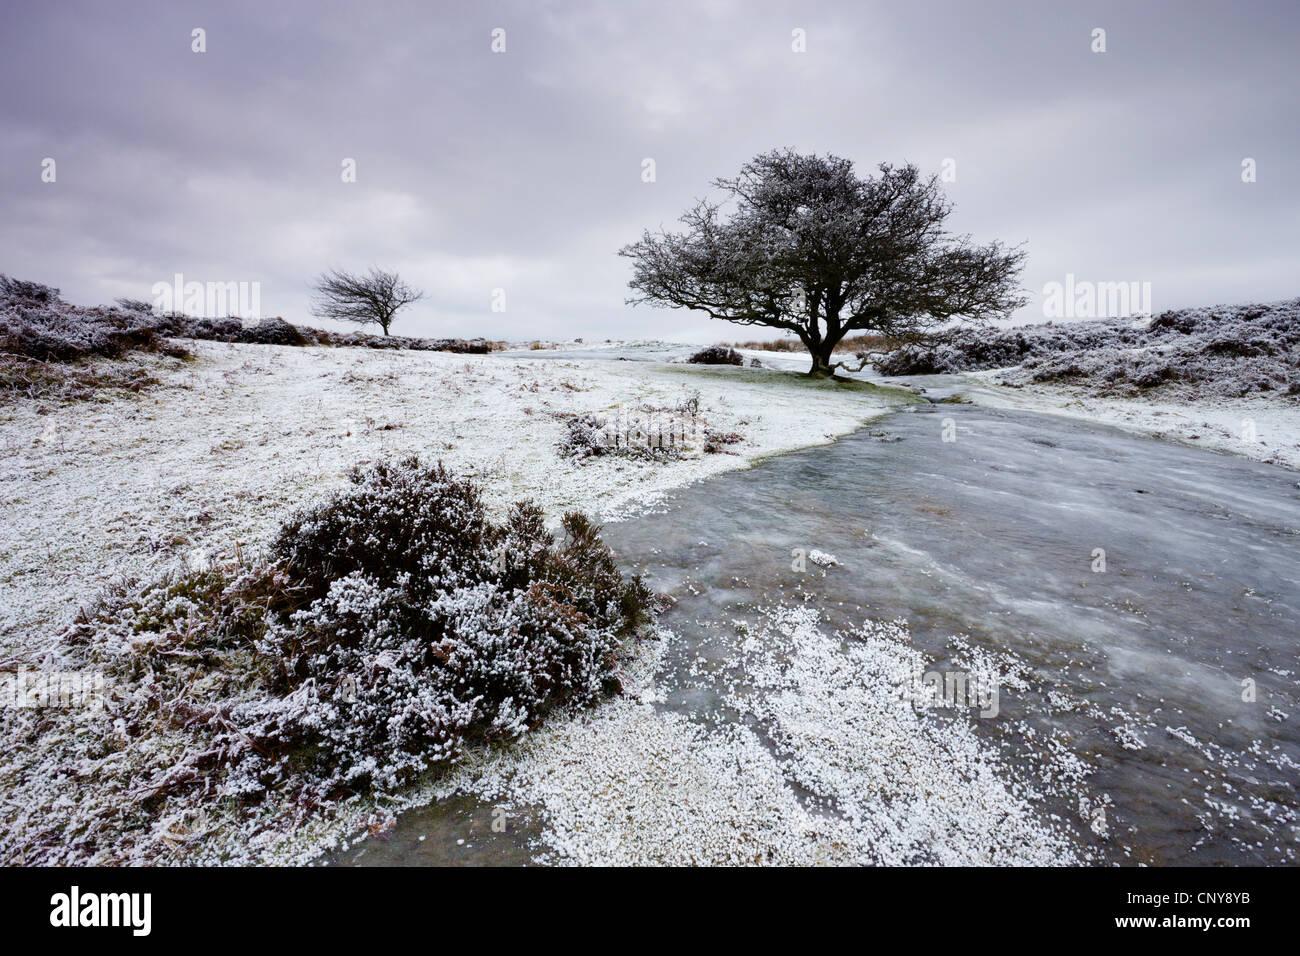 La neige et la glace sur Porlock fréquents en hiver, le Parc National d'Exmoor, Somerset, Angleterre. Janvier Photo Stock